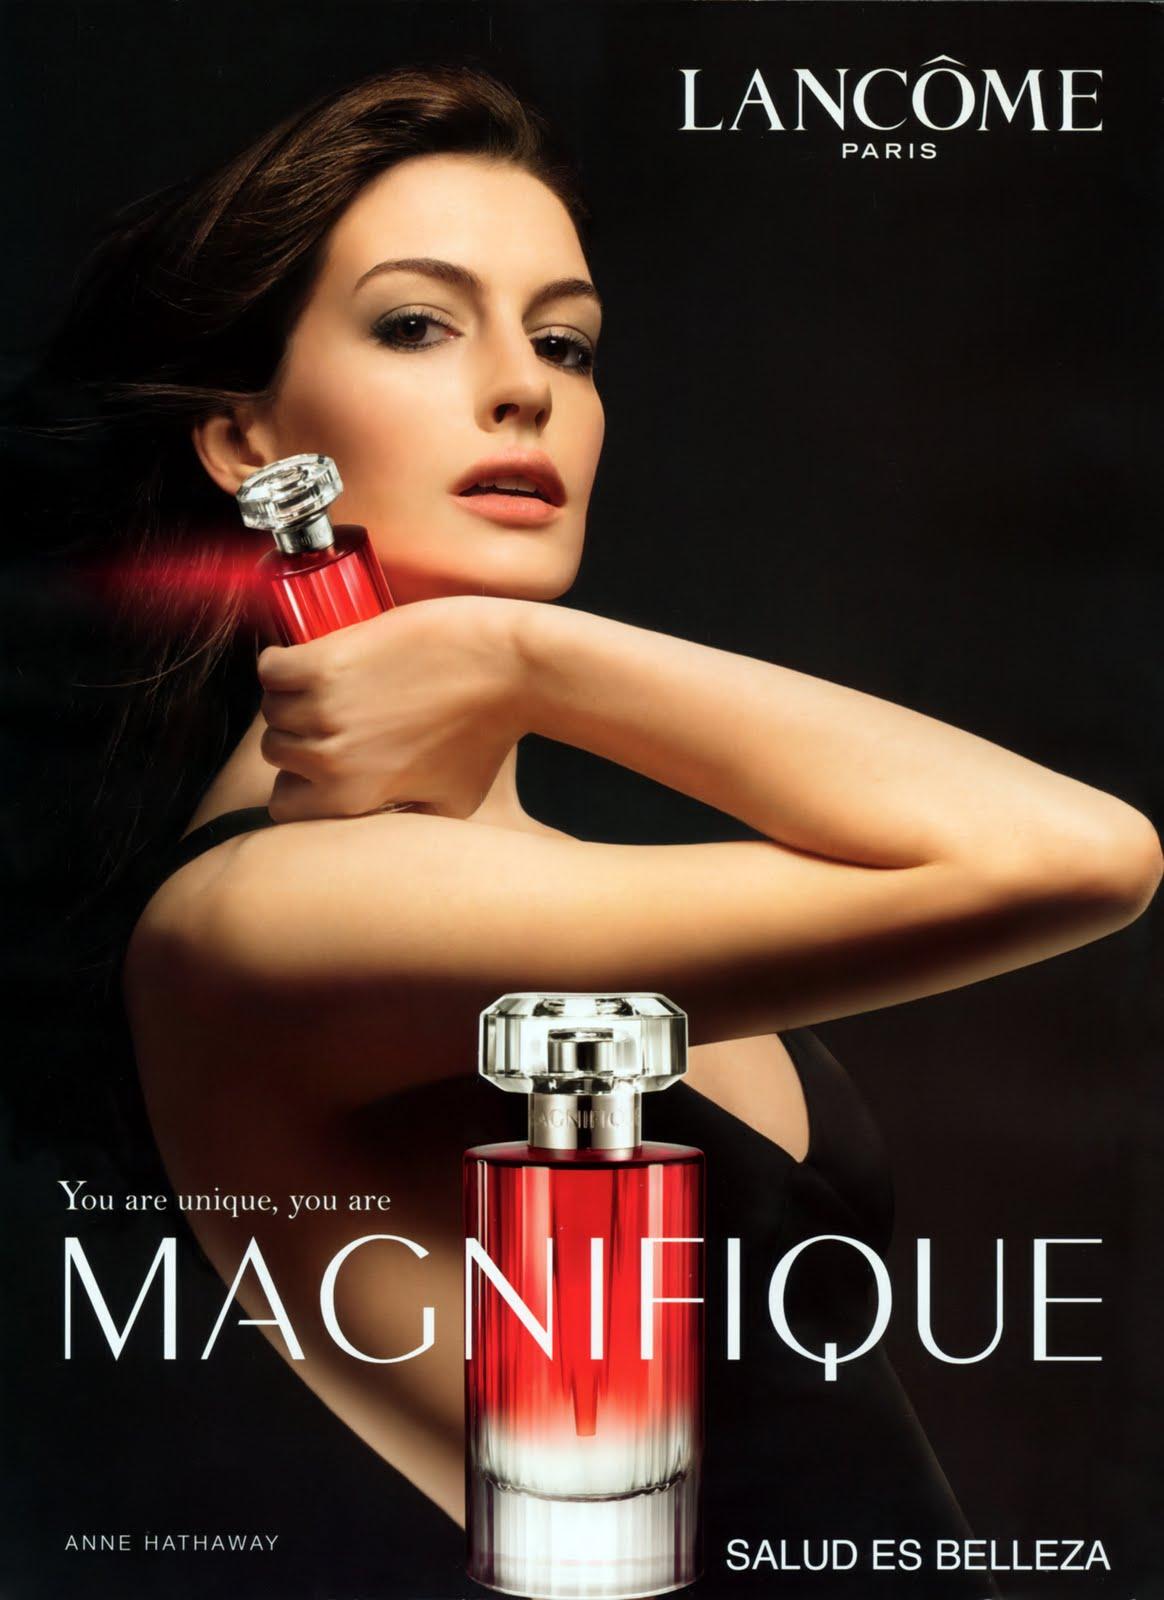 http://4.bp.blogspot.com/-buCs6ImM0HI/TalFTLVwETI/AAAAAAAAA1s/BStdE03XSU4/s1600/Magnifique_002.2.jpg